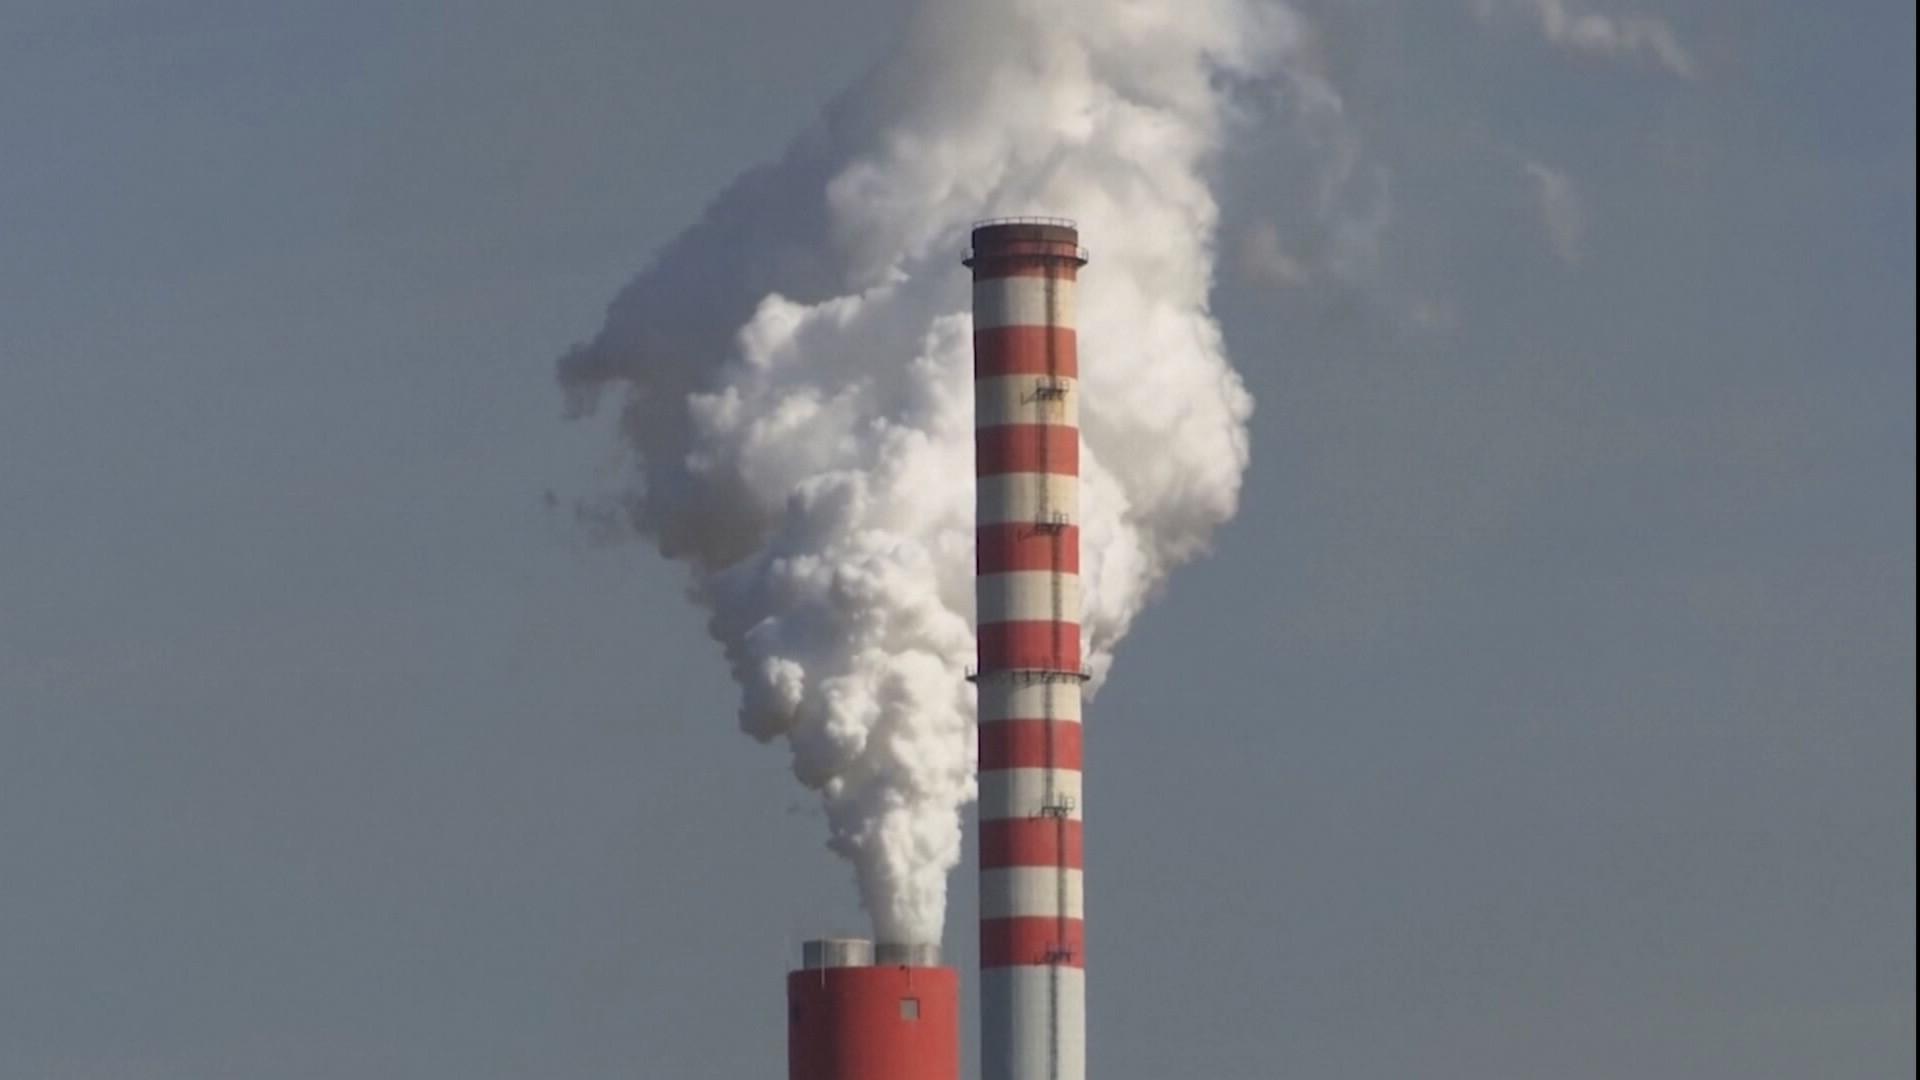 環保署預告《溫管法》修法  2050「淨零排放」將入法